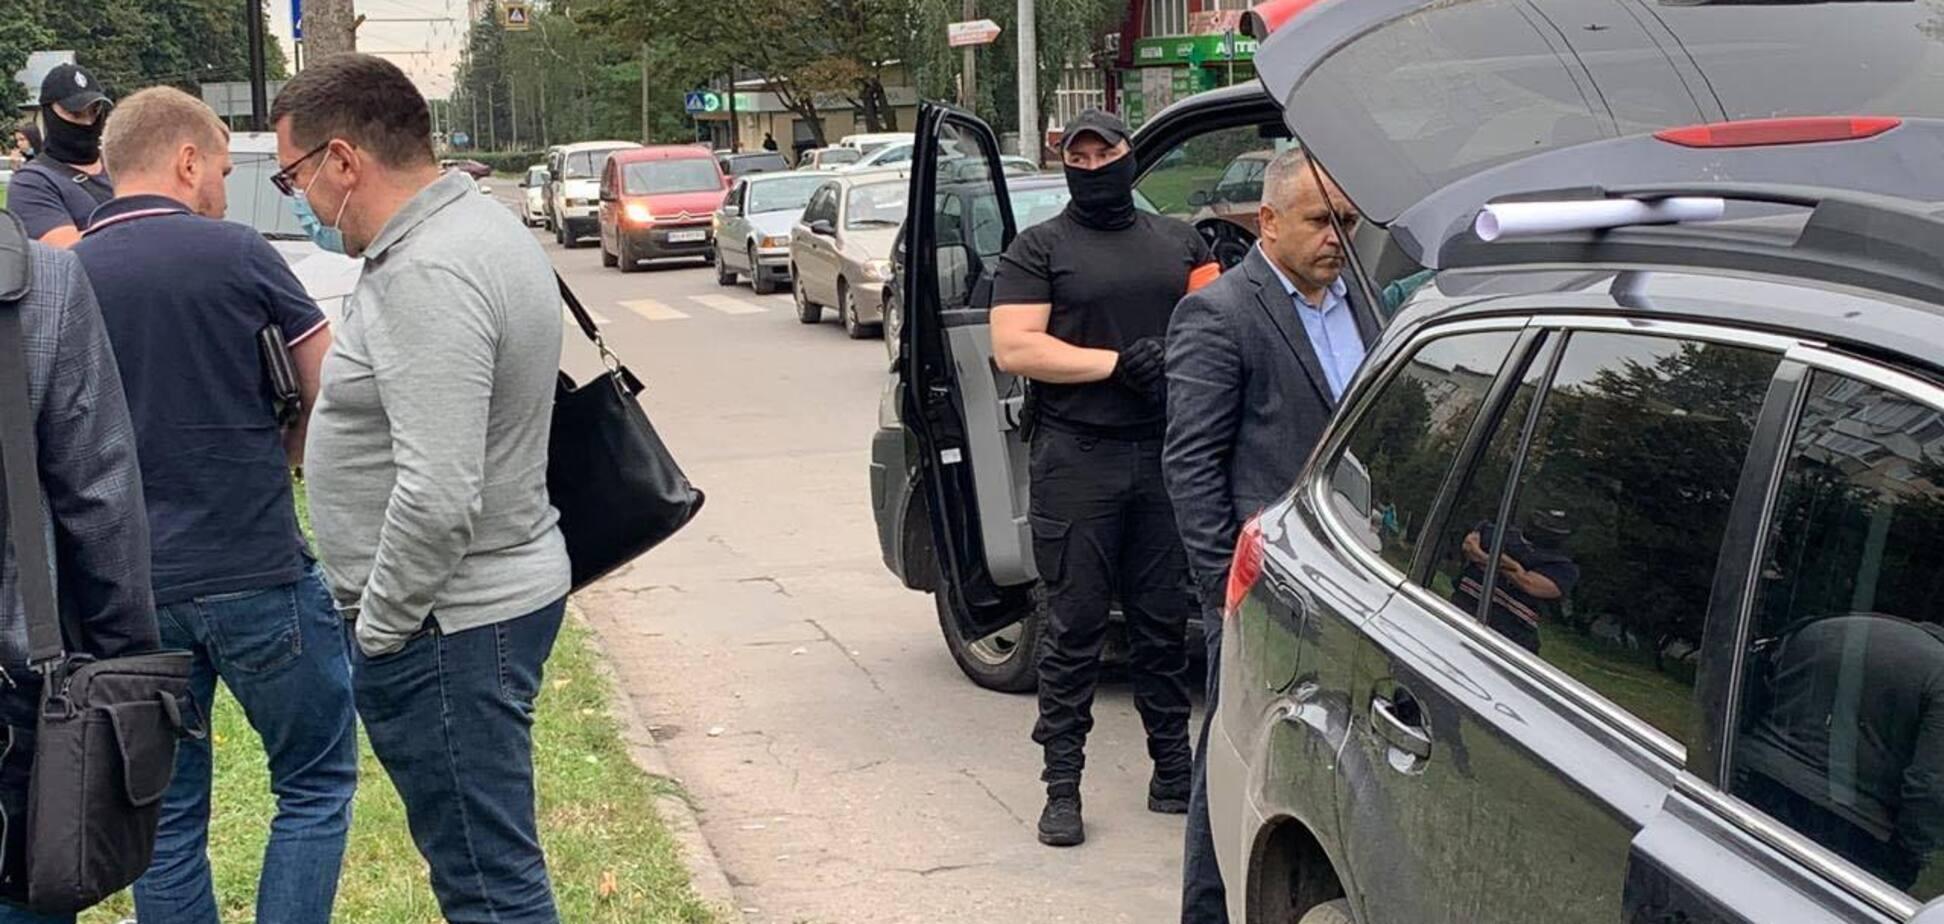 ЗМІ розповіли про будинки та земельні ділянки затриманого податківця із Тернополя